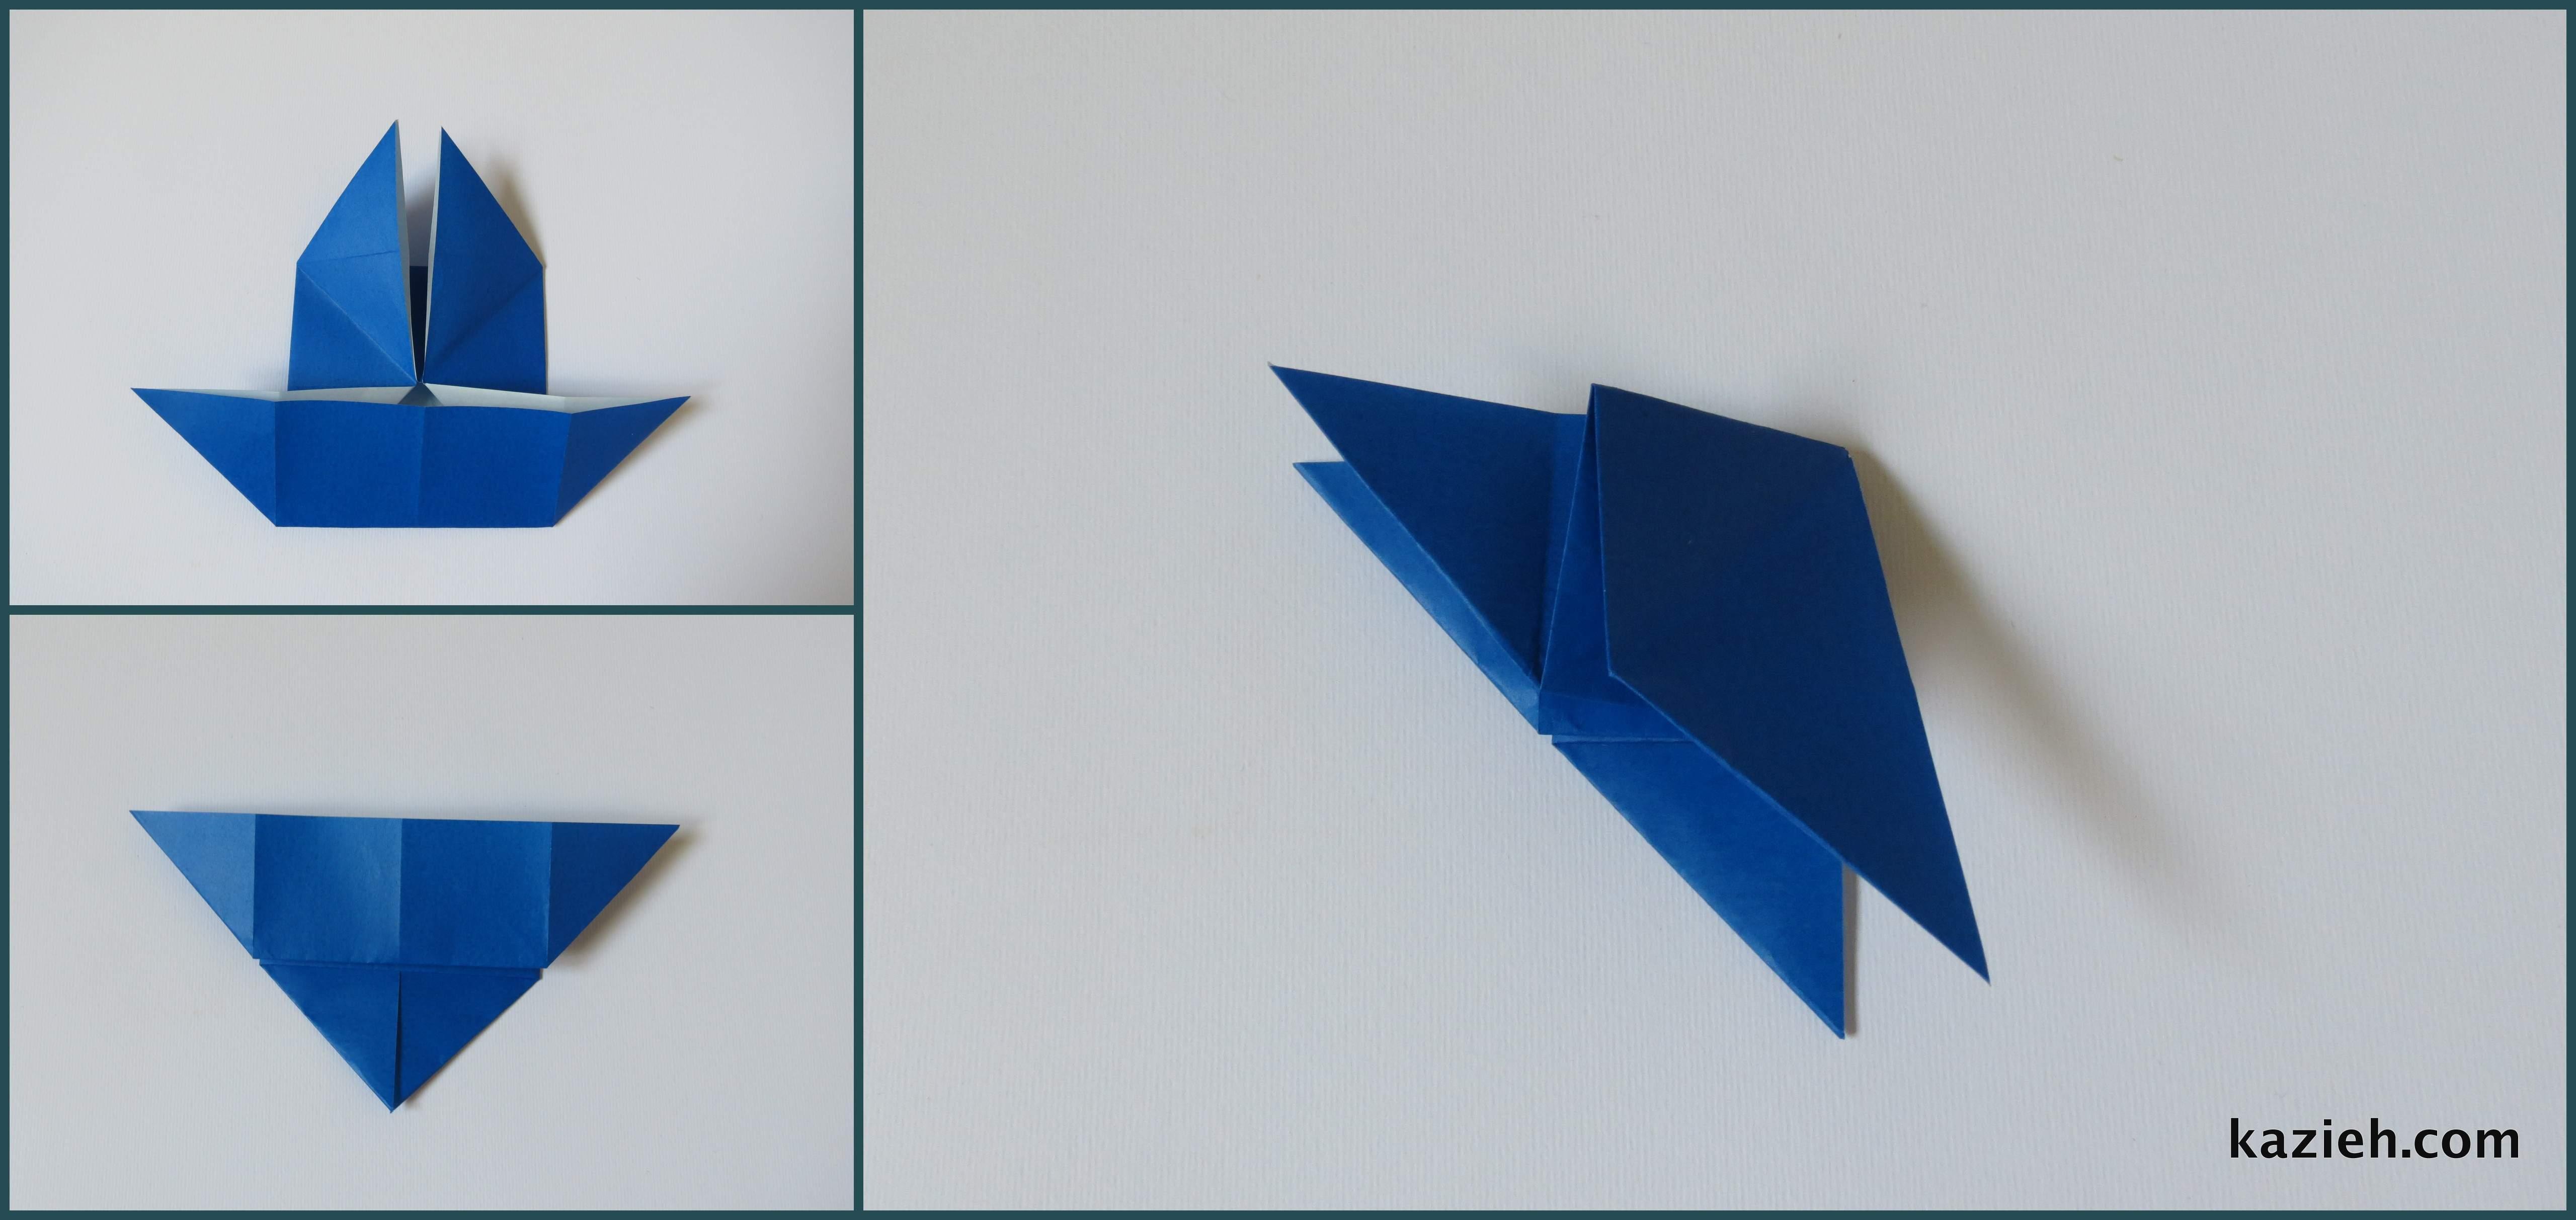 آموزش پروانه اوریگامی ساده -مرحله چهارم- کازیه